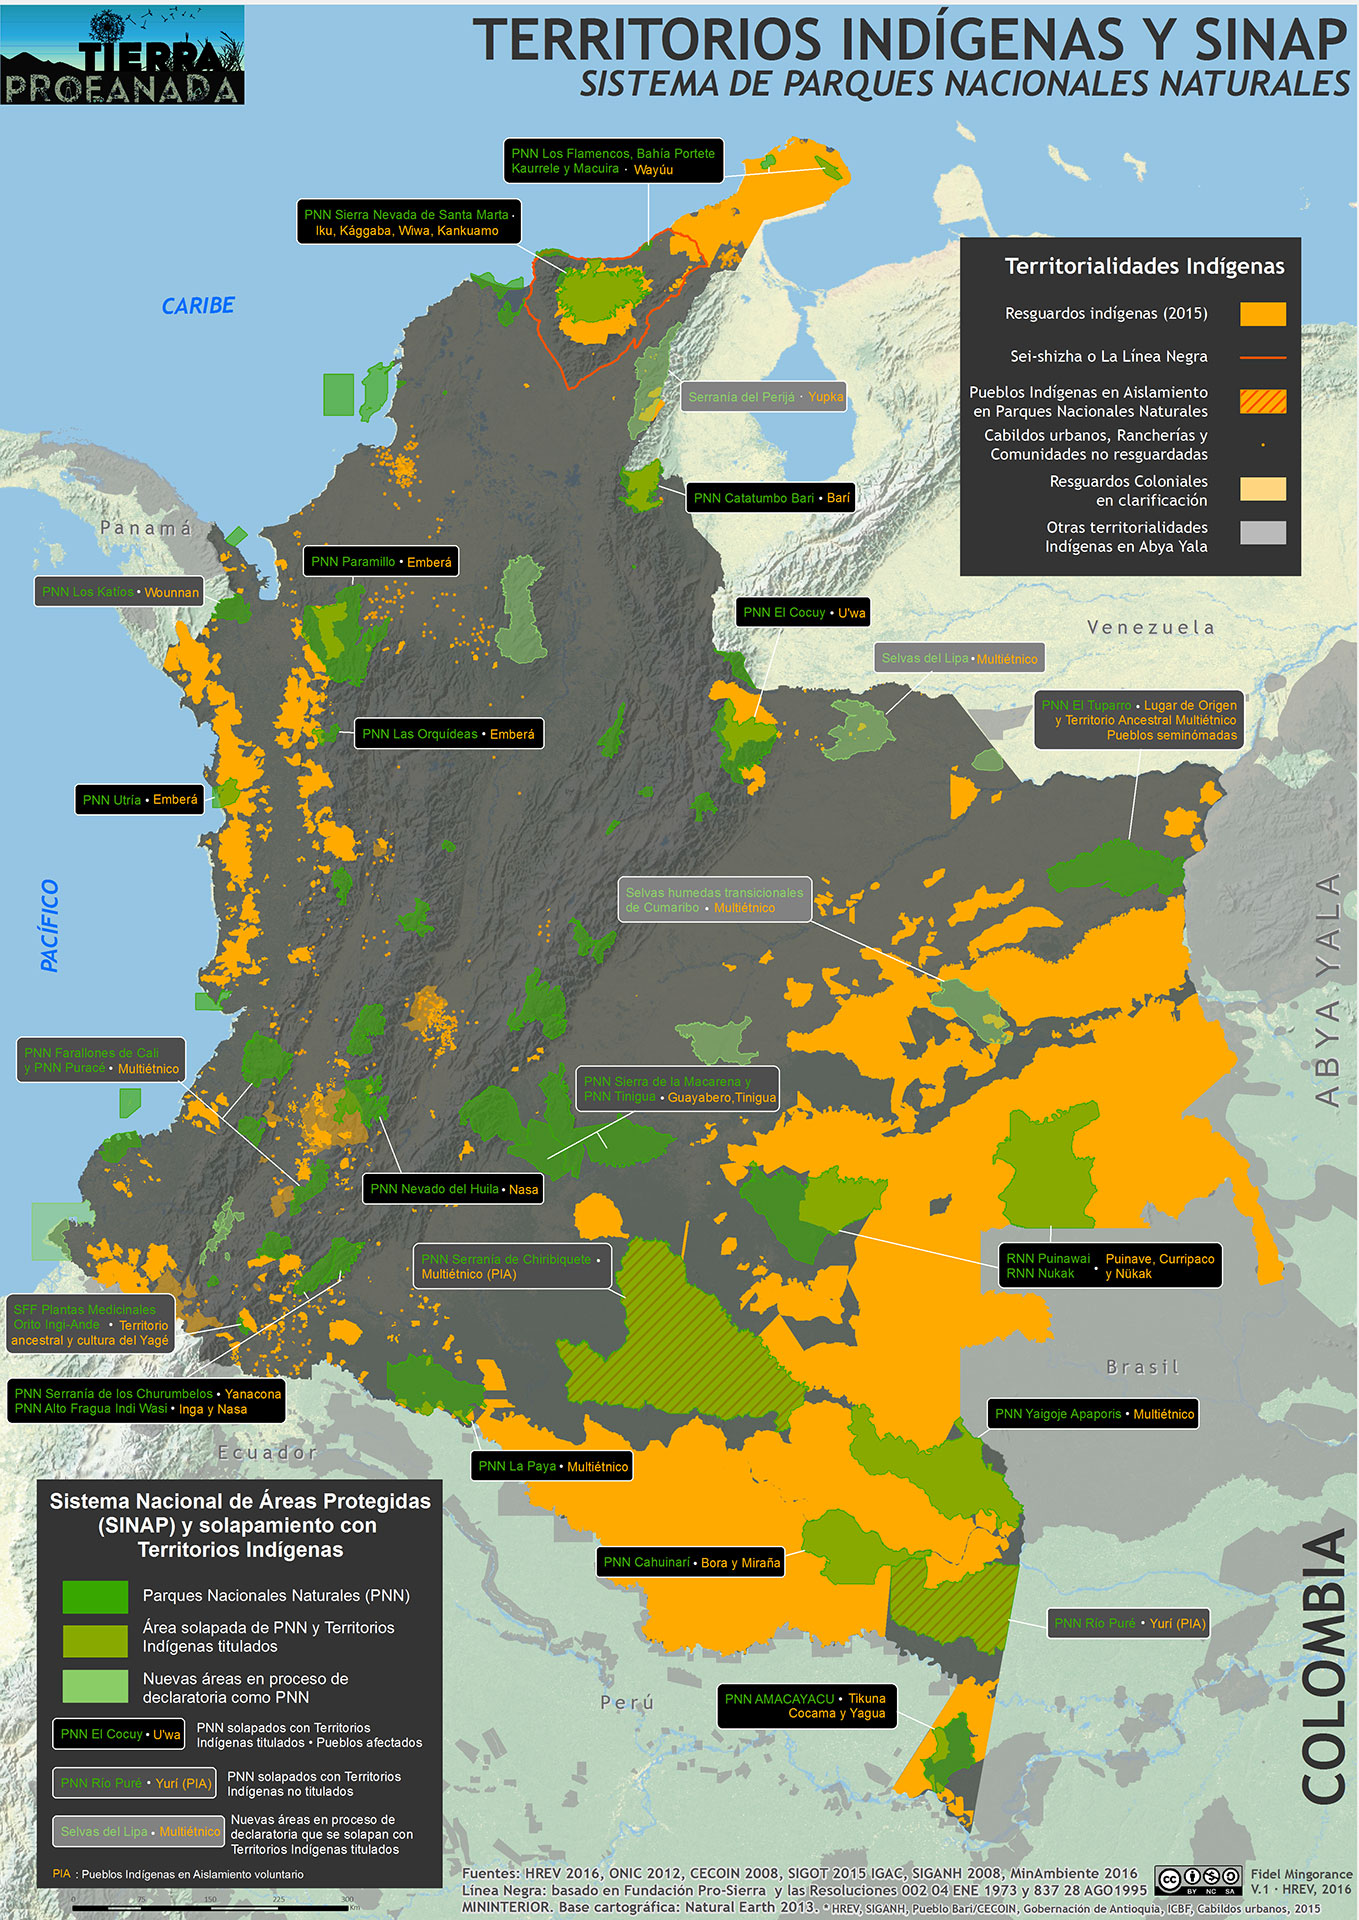 Territorios indigenas y solapamiento sistema nacional ambiental 2016